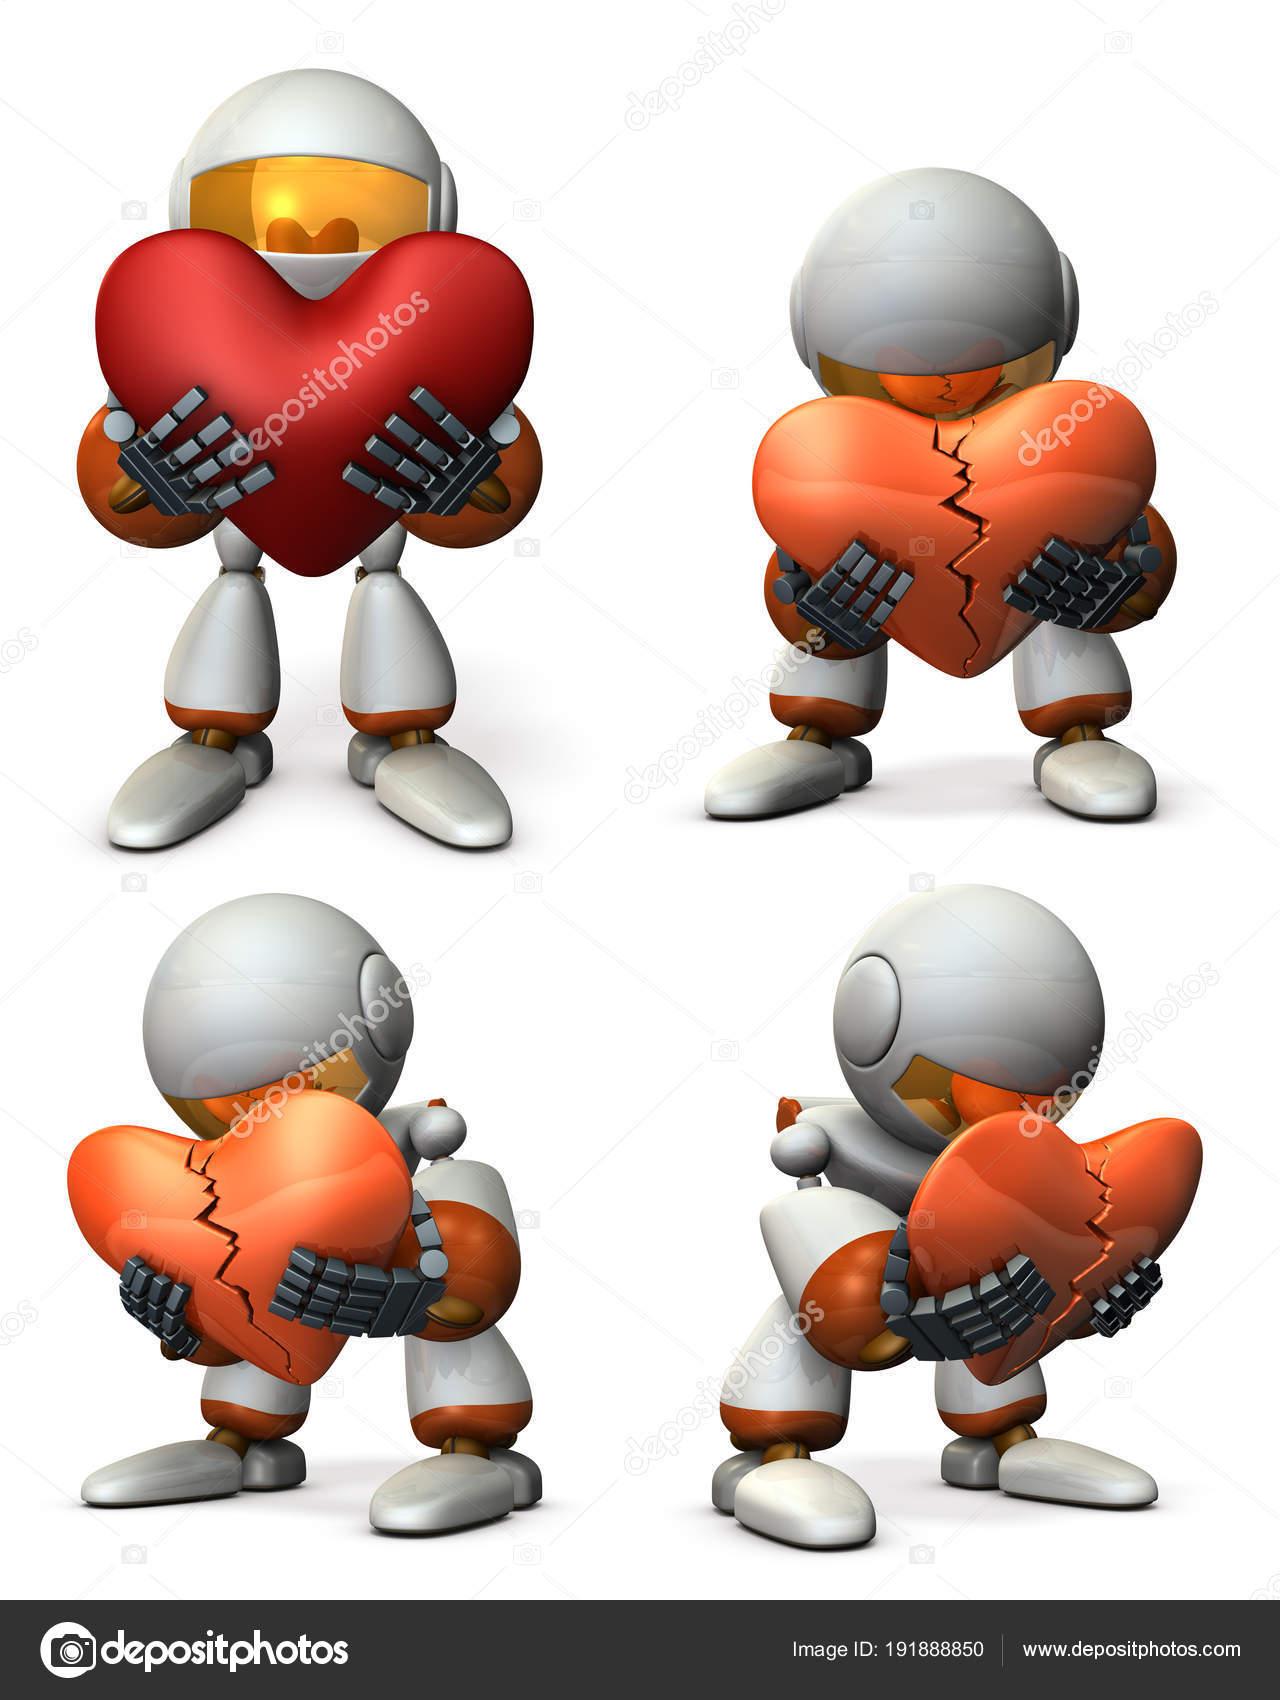 Ein Roboter, gestört. Er liegt mit seinem gebrochenen Herzen ...